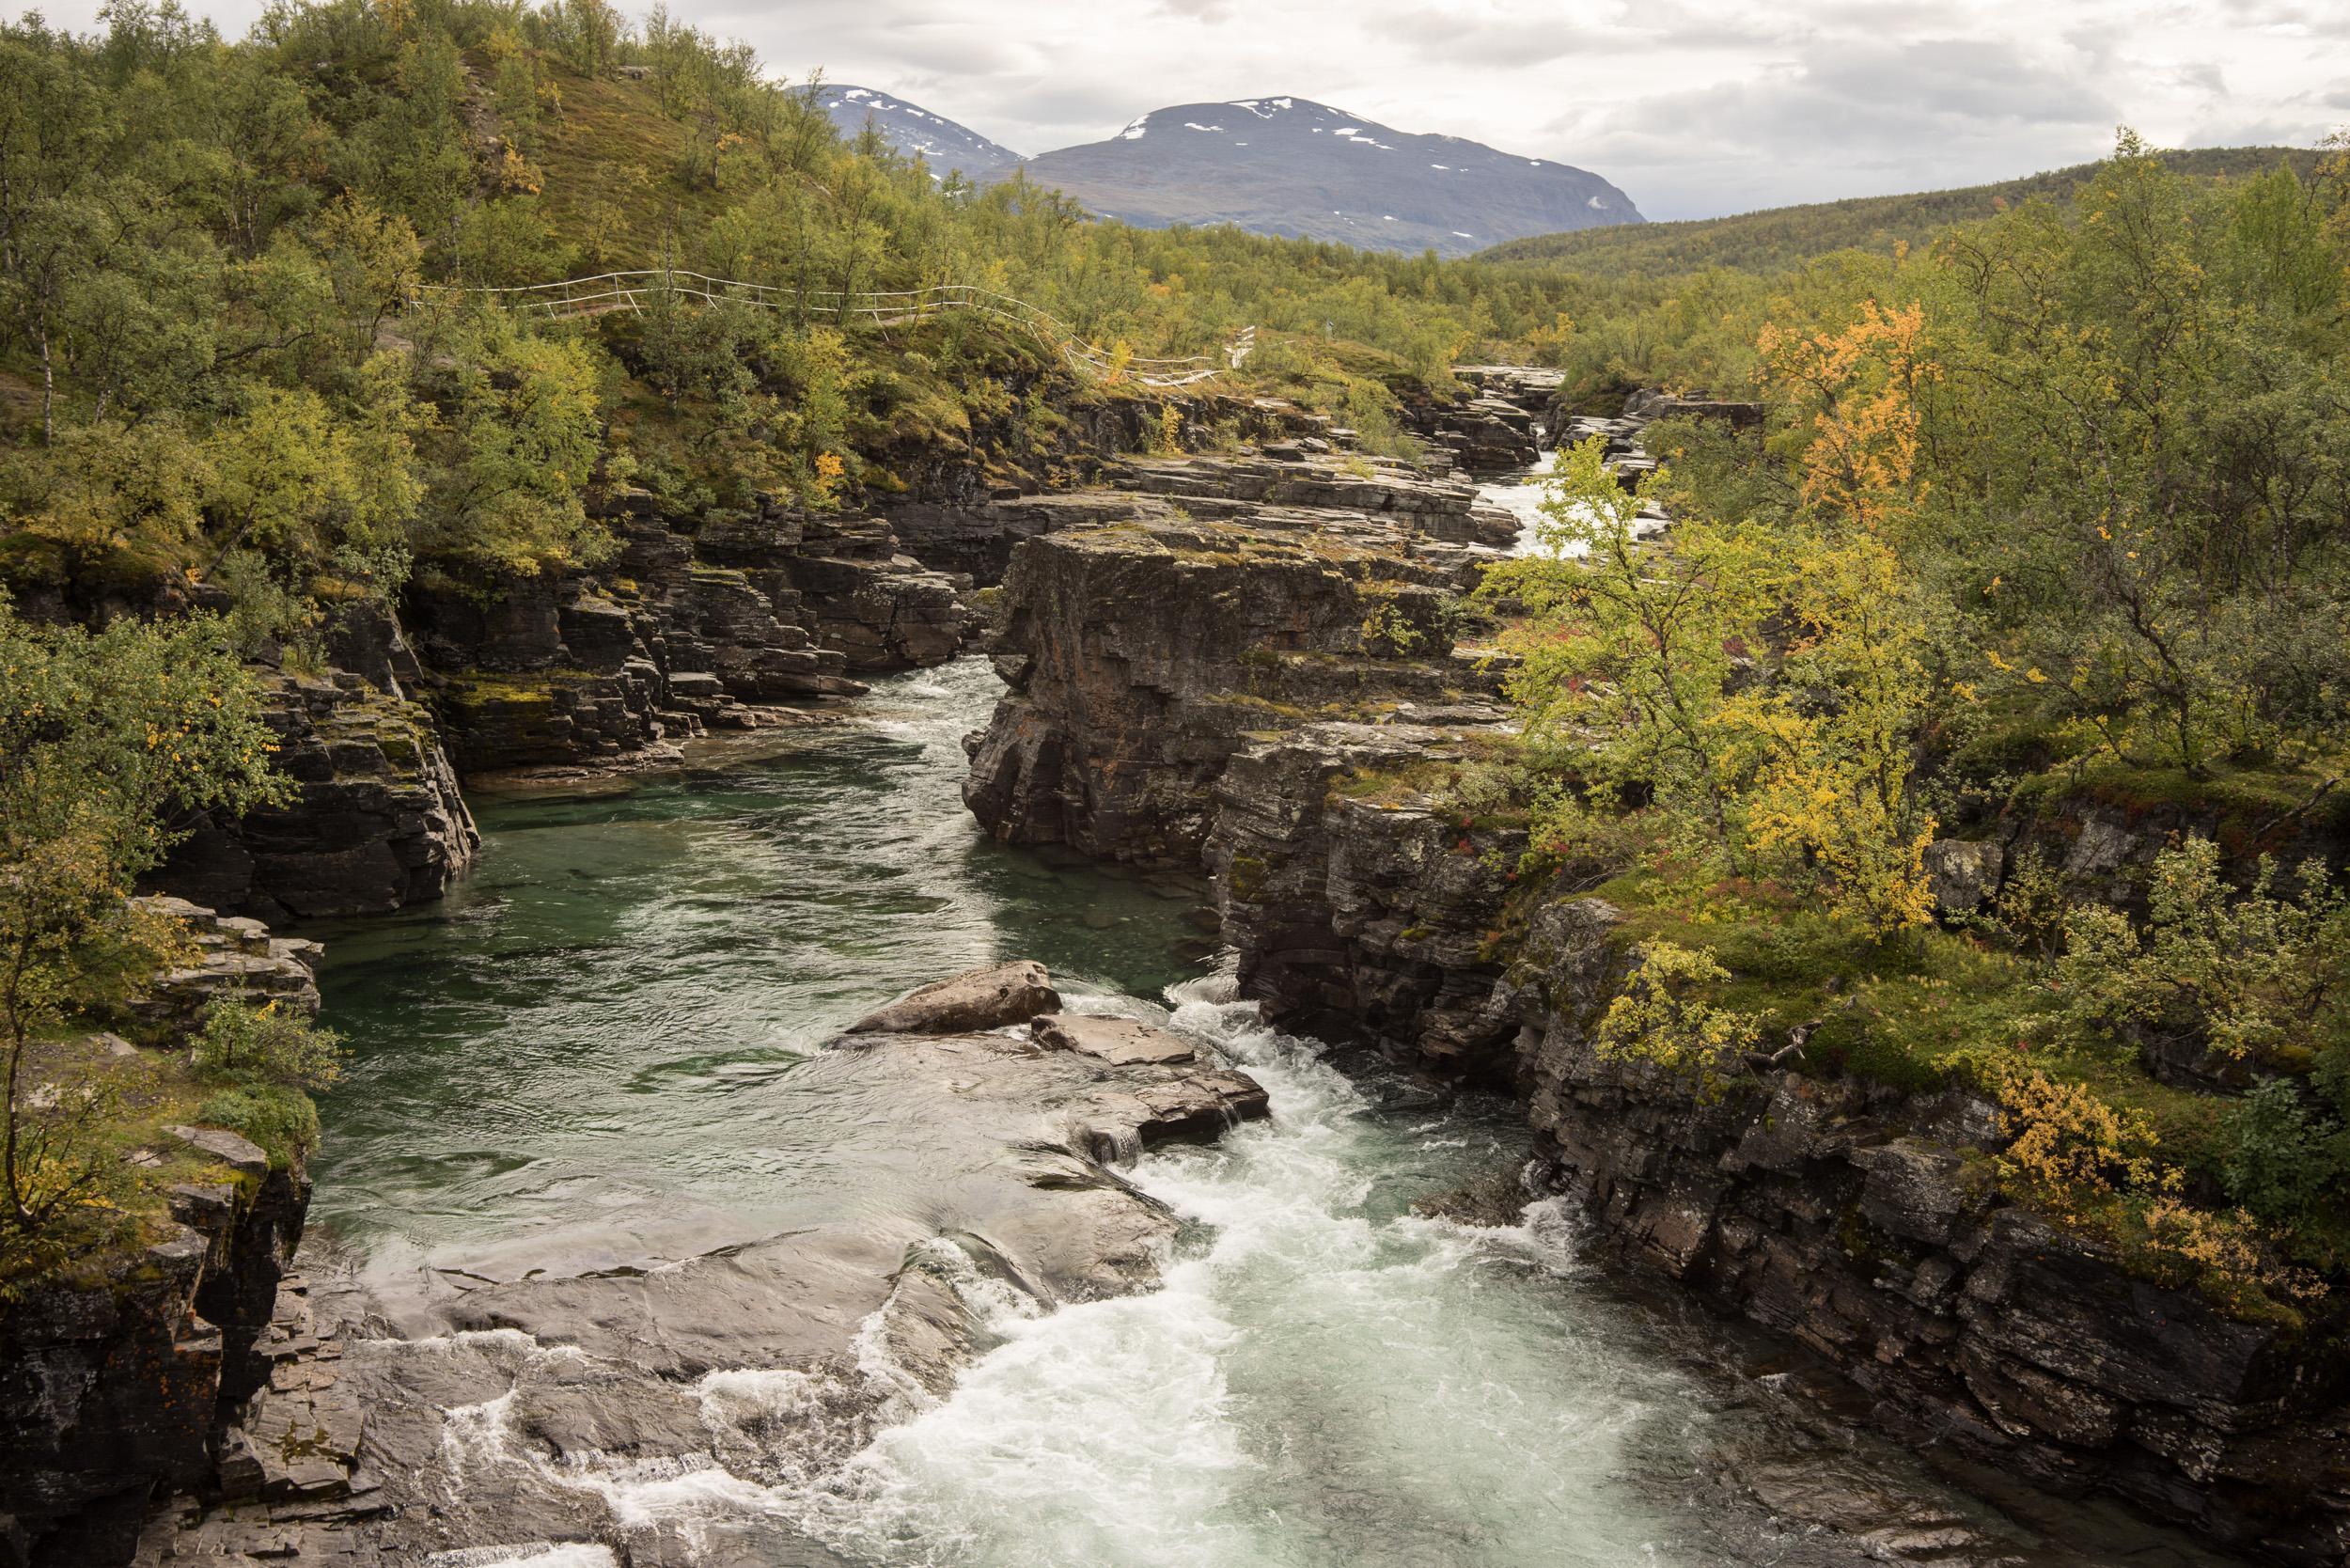 Le fameux canyon creusé par la rivière Abiskojokk. Une balade classique et facile depuis l'Abisko Tourist Station.